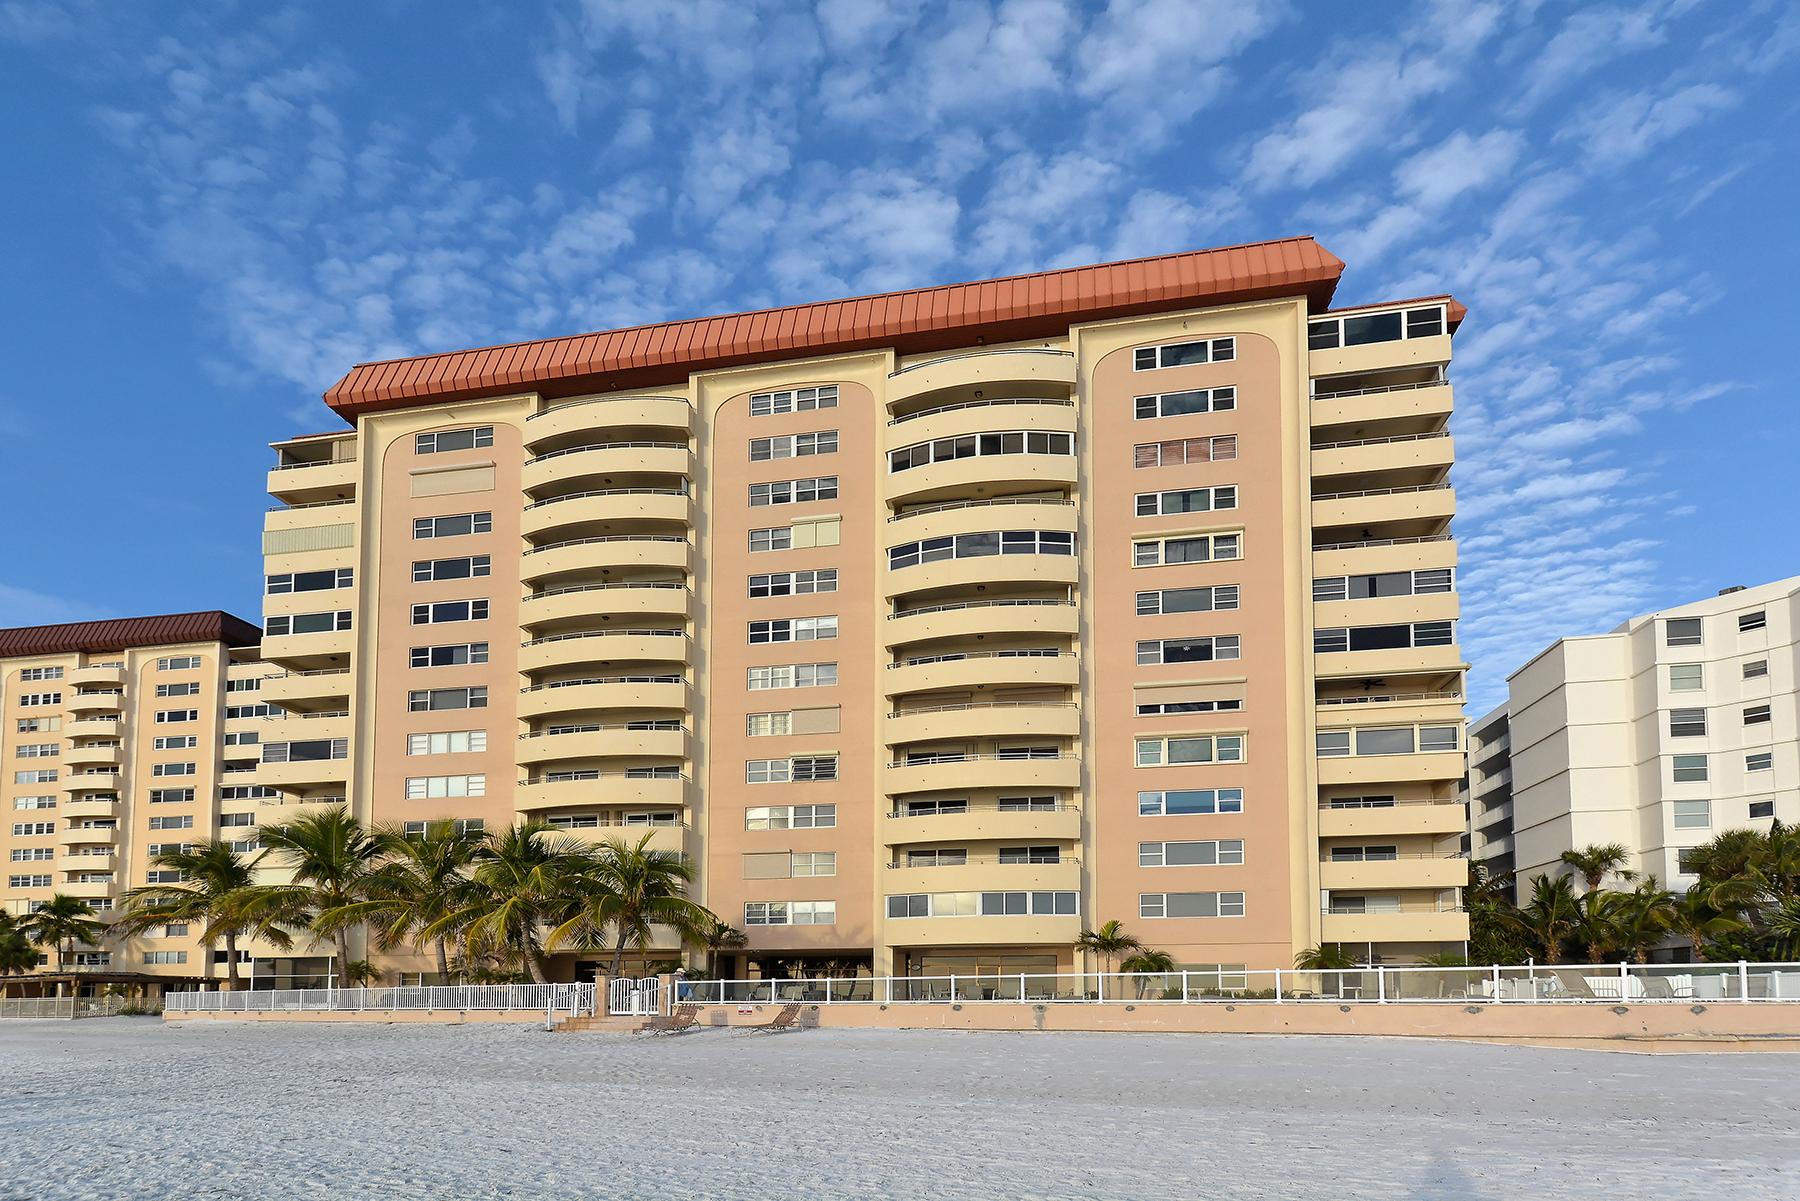 共管式独立产权公寓 为 销售 在 SARASOTA 1750 Benjamin Franklin Dr PH-G 萨拉索塔, 佛罗里达州, 34236 美国